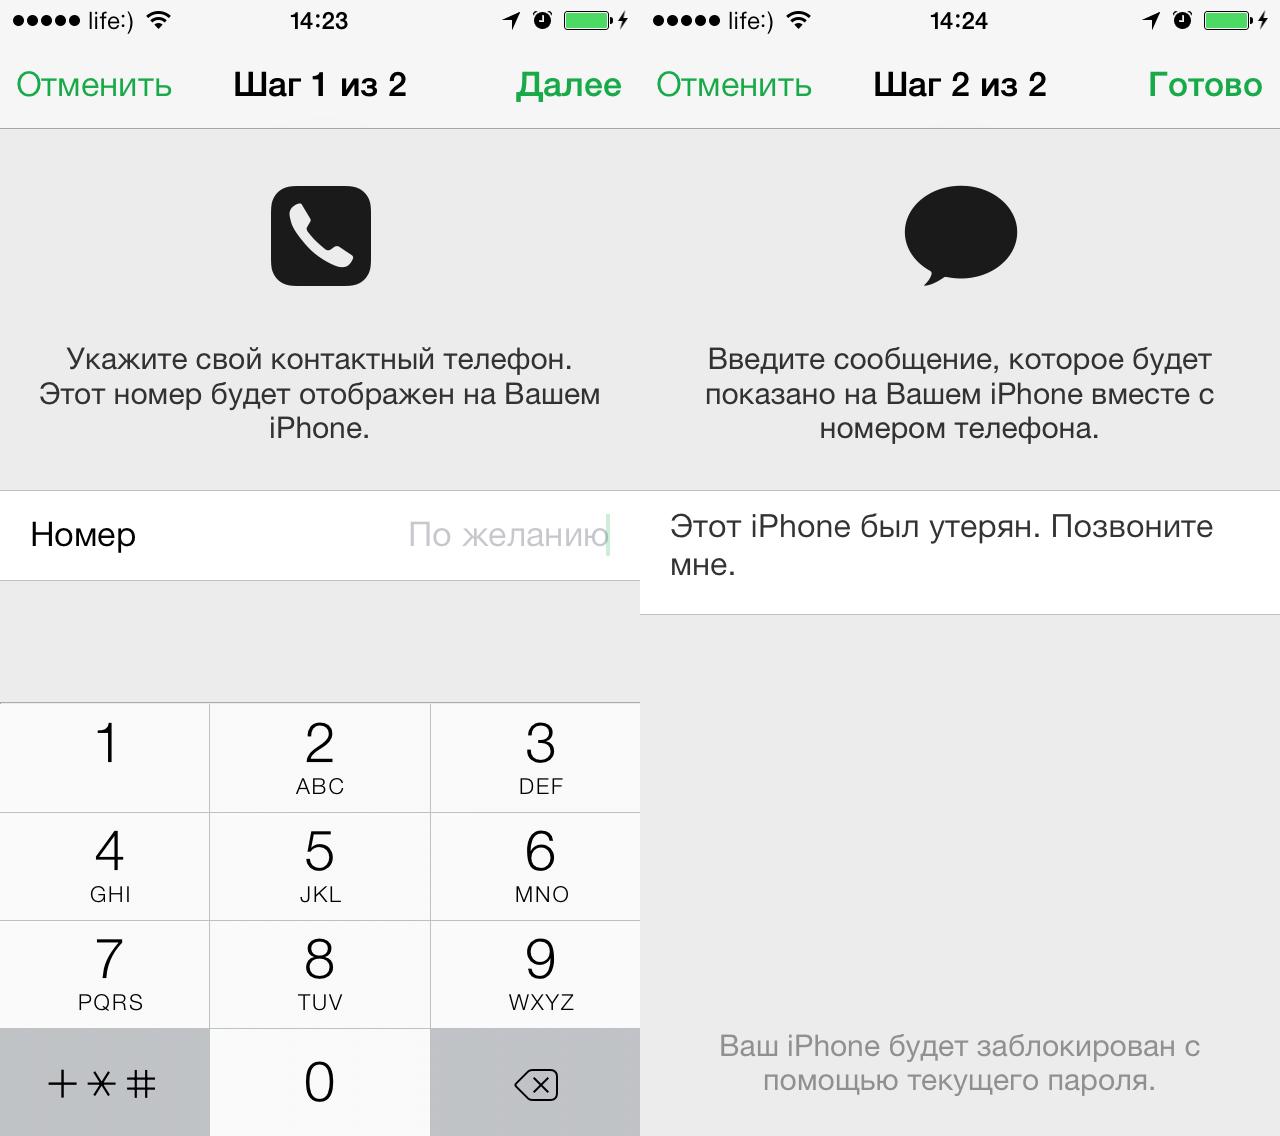 Ввод номера телефона и сообщения при включении режима пропажи